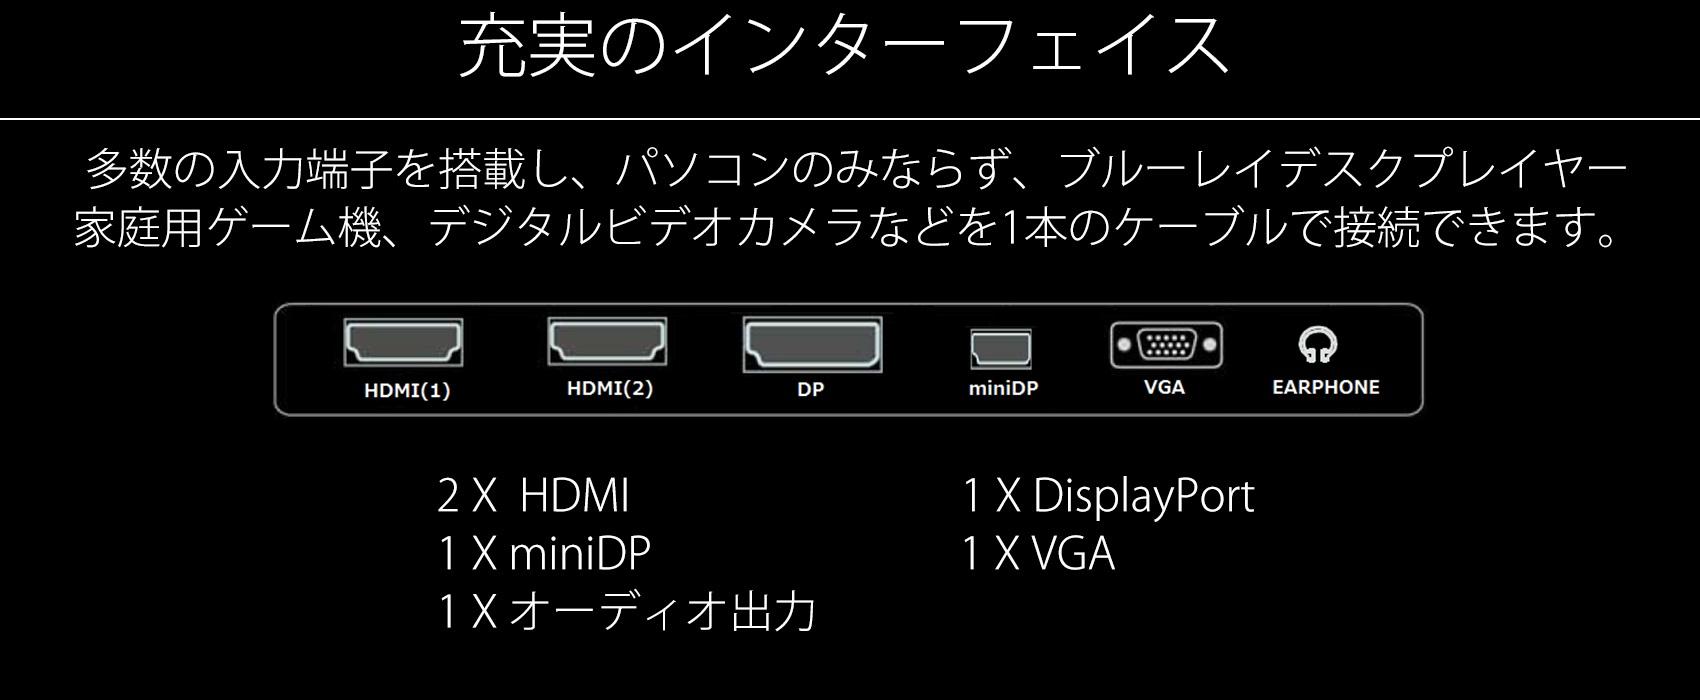 充実のインターフェイス 多数の入力端子を搭載し、パソコンのみならず、ブルーレイデスクプレイヤー 家庭用ゲーム機、デジタルビデオカメラなどを1本のケーブルで接続できます。 HDMI(1) HDMI(2) DP miniDP VGA EARPHONE 2X HDMI 1 X miniDP 1X オーディオ出力 1 X DisplayPort 1 X VGA